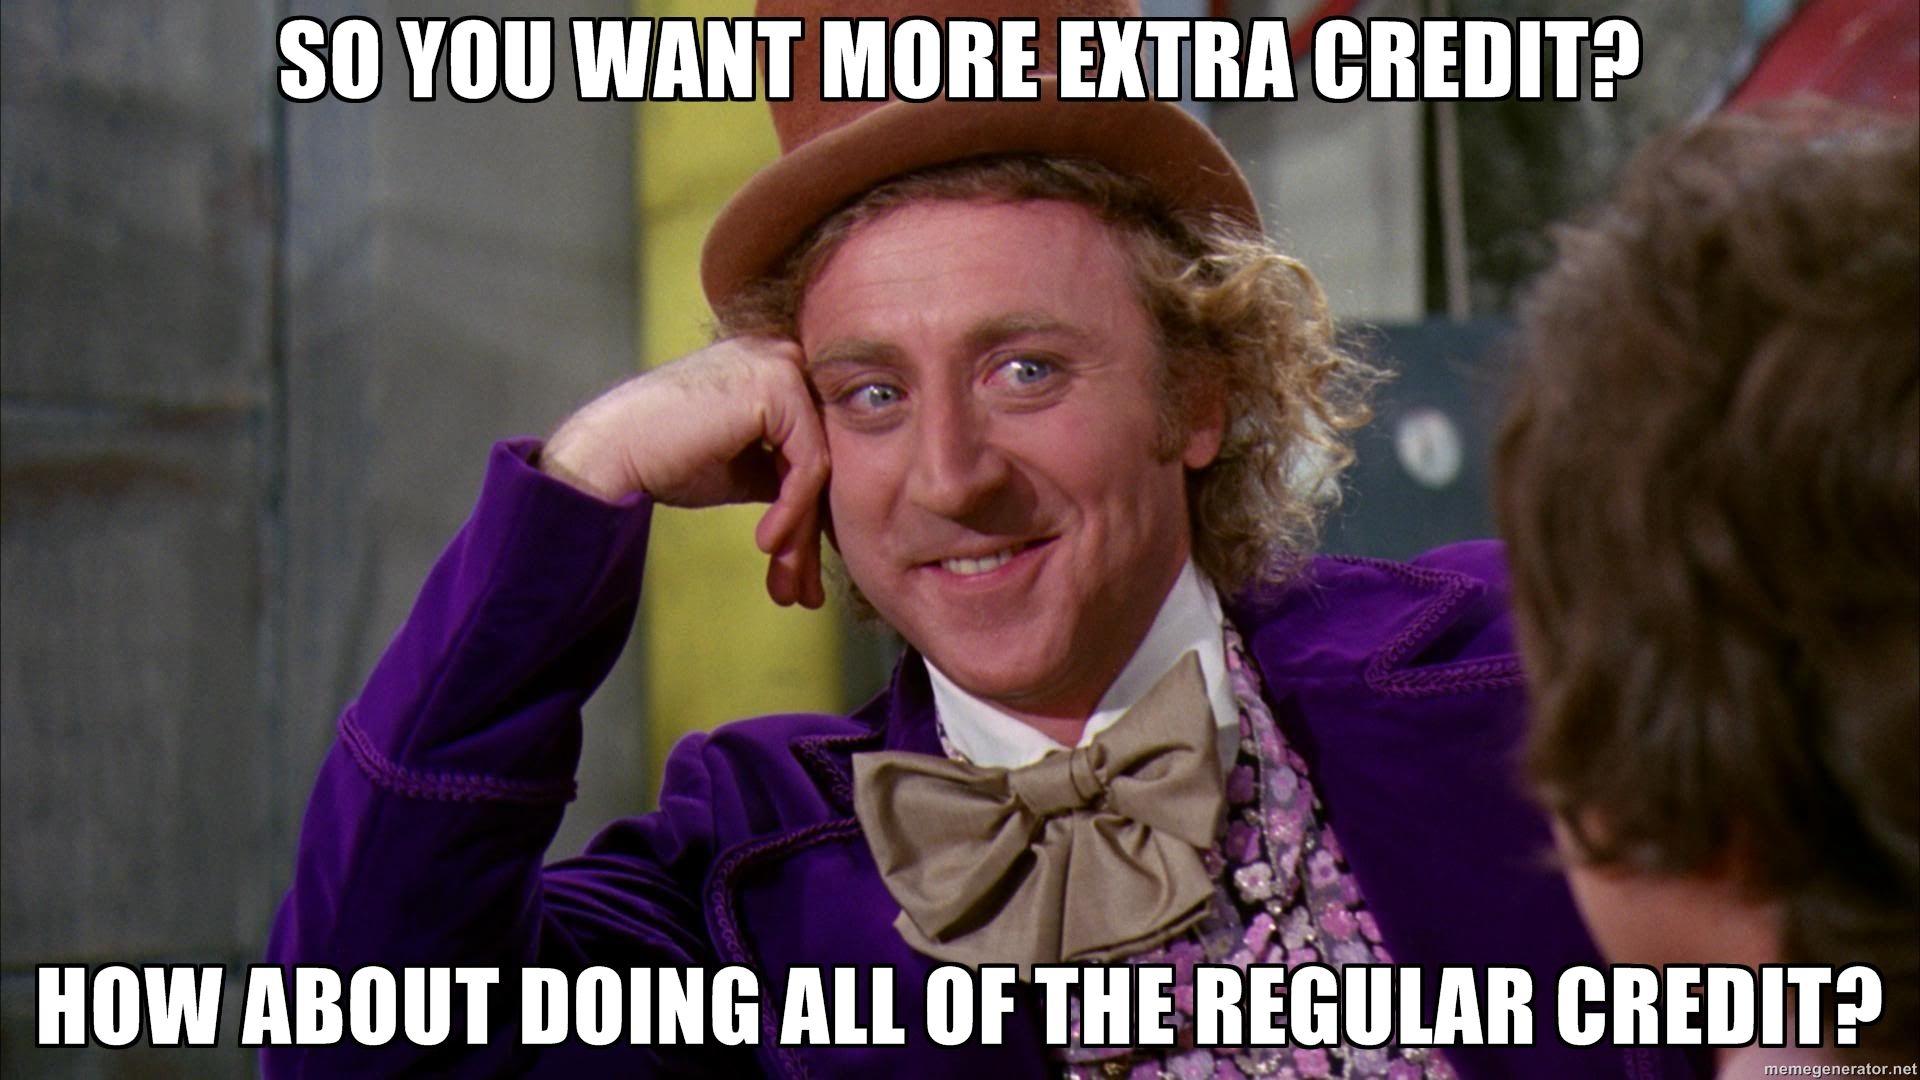 Image result for extra credit humor regular credit